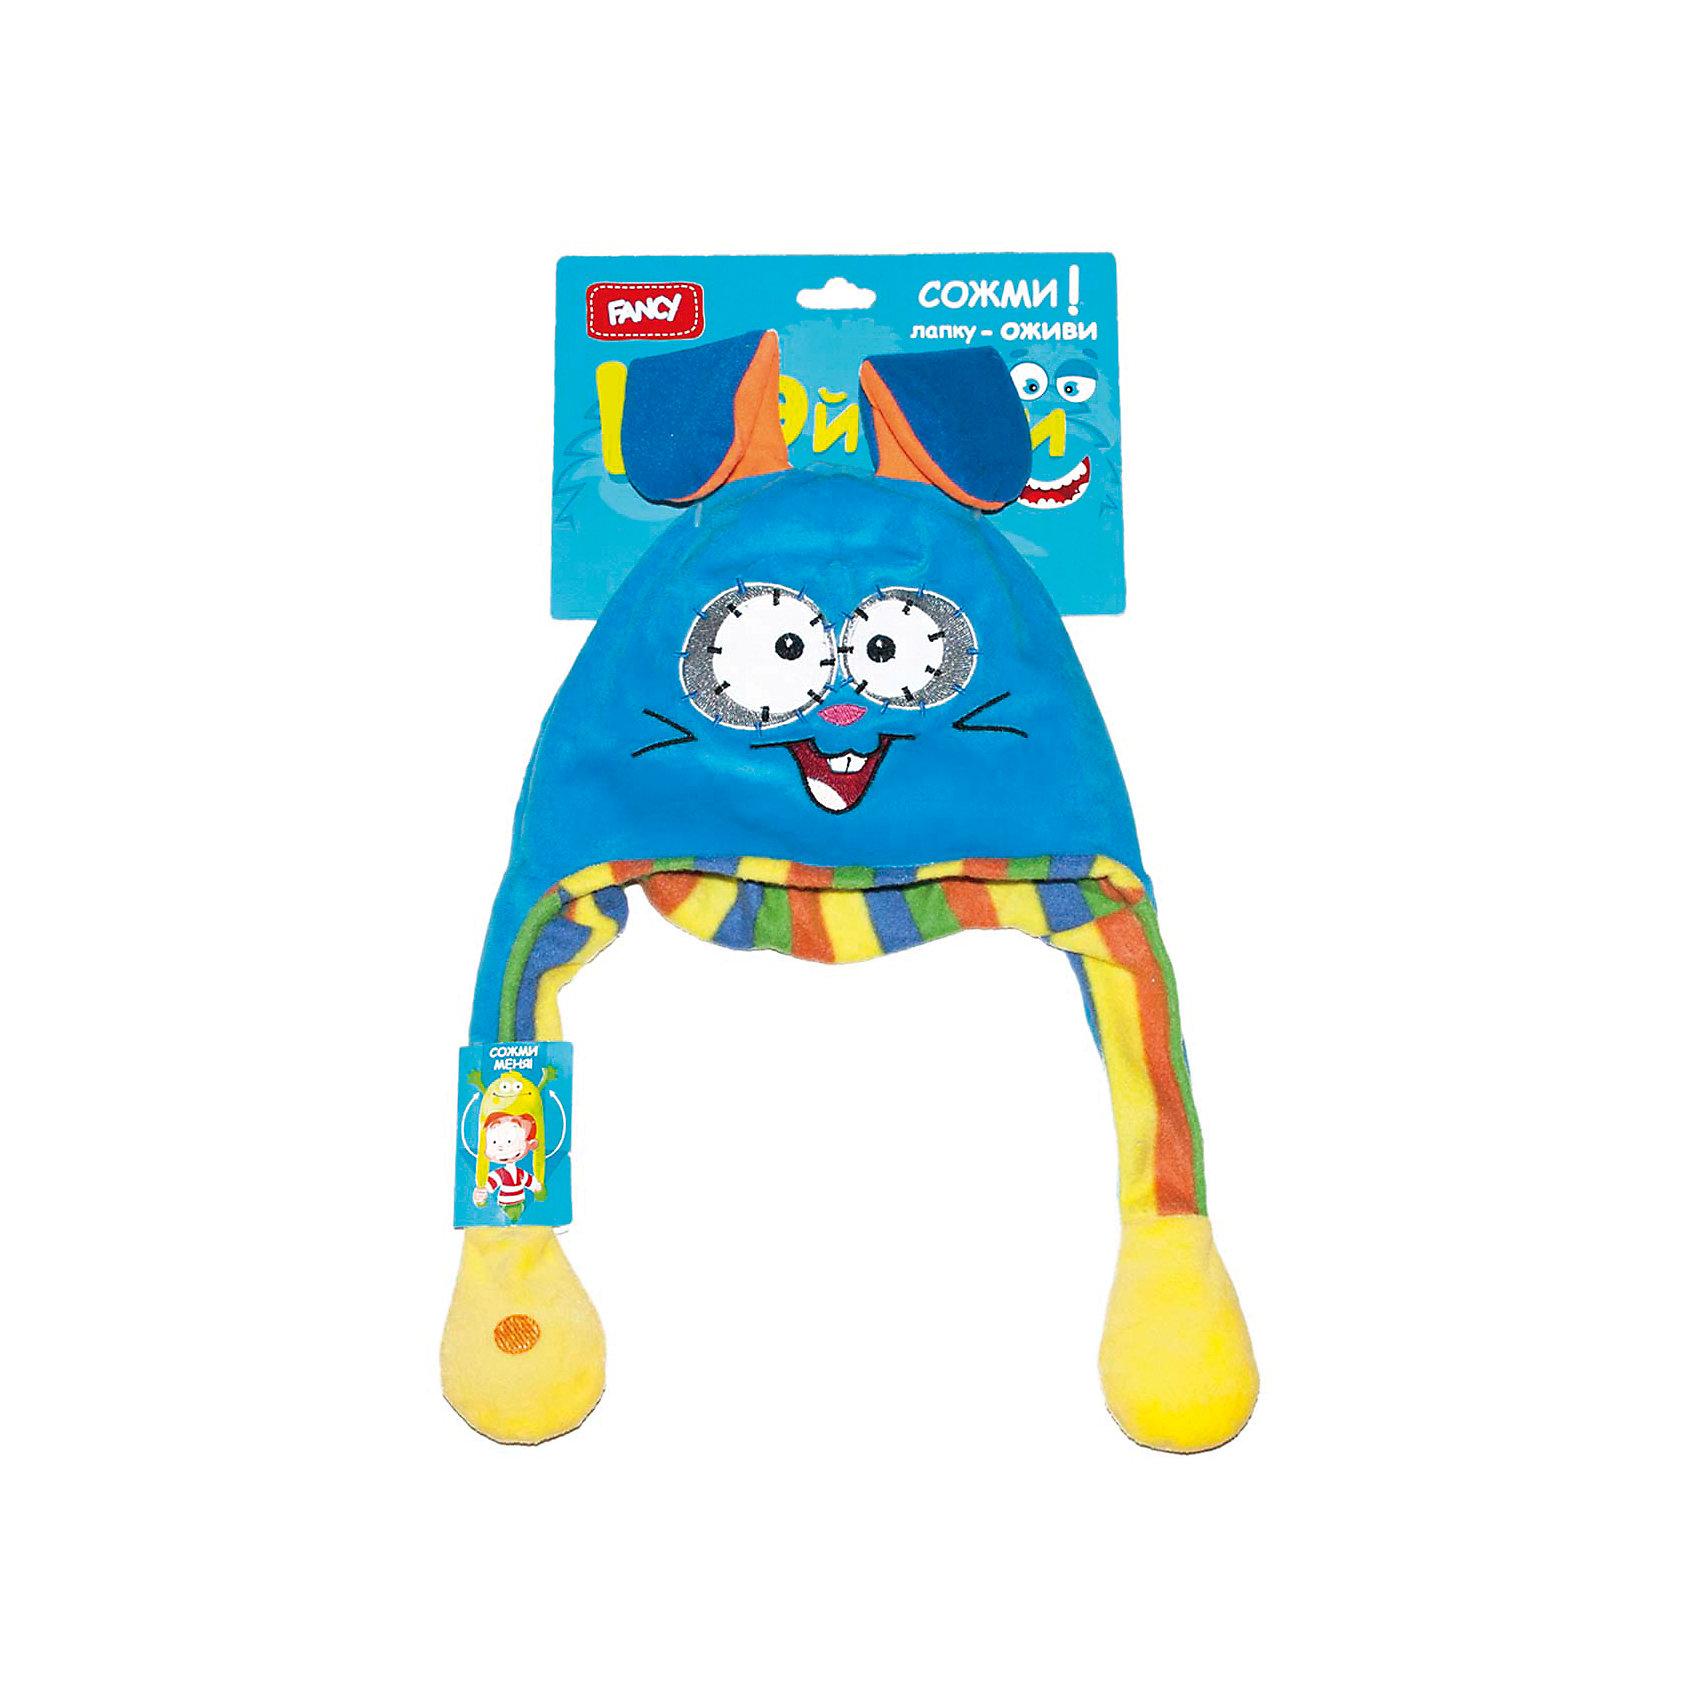 Головной убор Шапка-заяц, FancyМягкие игрушки животные<br>Порадуйте ребенка такой смешной Шапкой-заяц!<br><br>Дополнительная информация: <br><br>- Возраст: от 5 лет.<br>- Материал: 100 % плюш.<br>- Размер упаковки: 50х25х3 см.<br>- Вес в упаковке: 85 г.<br><br>Купить головной убор Шапка-заяц от Fancy, можно в нашем магазине.<br><br>Ширина мм: 500<br>Глубина мм: 250<br>Высота мм: 30<br>Вес г: 85<br>Возраст от месяцев: 60<br>Возраст до месяцев: 2147483647<br>Пол: Унисекс<br>Возраст: Детский<br>SKU: 5025383